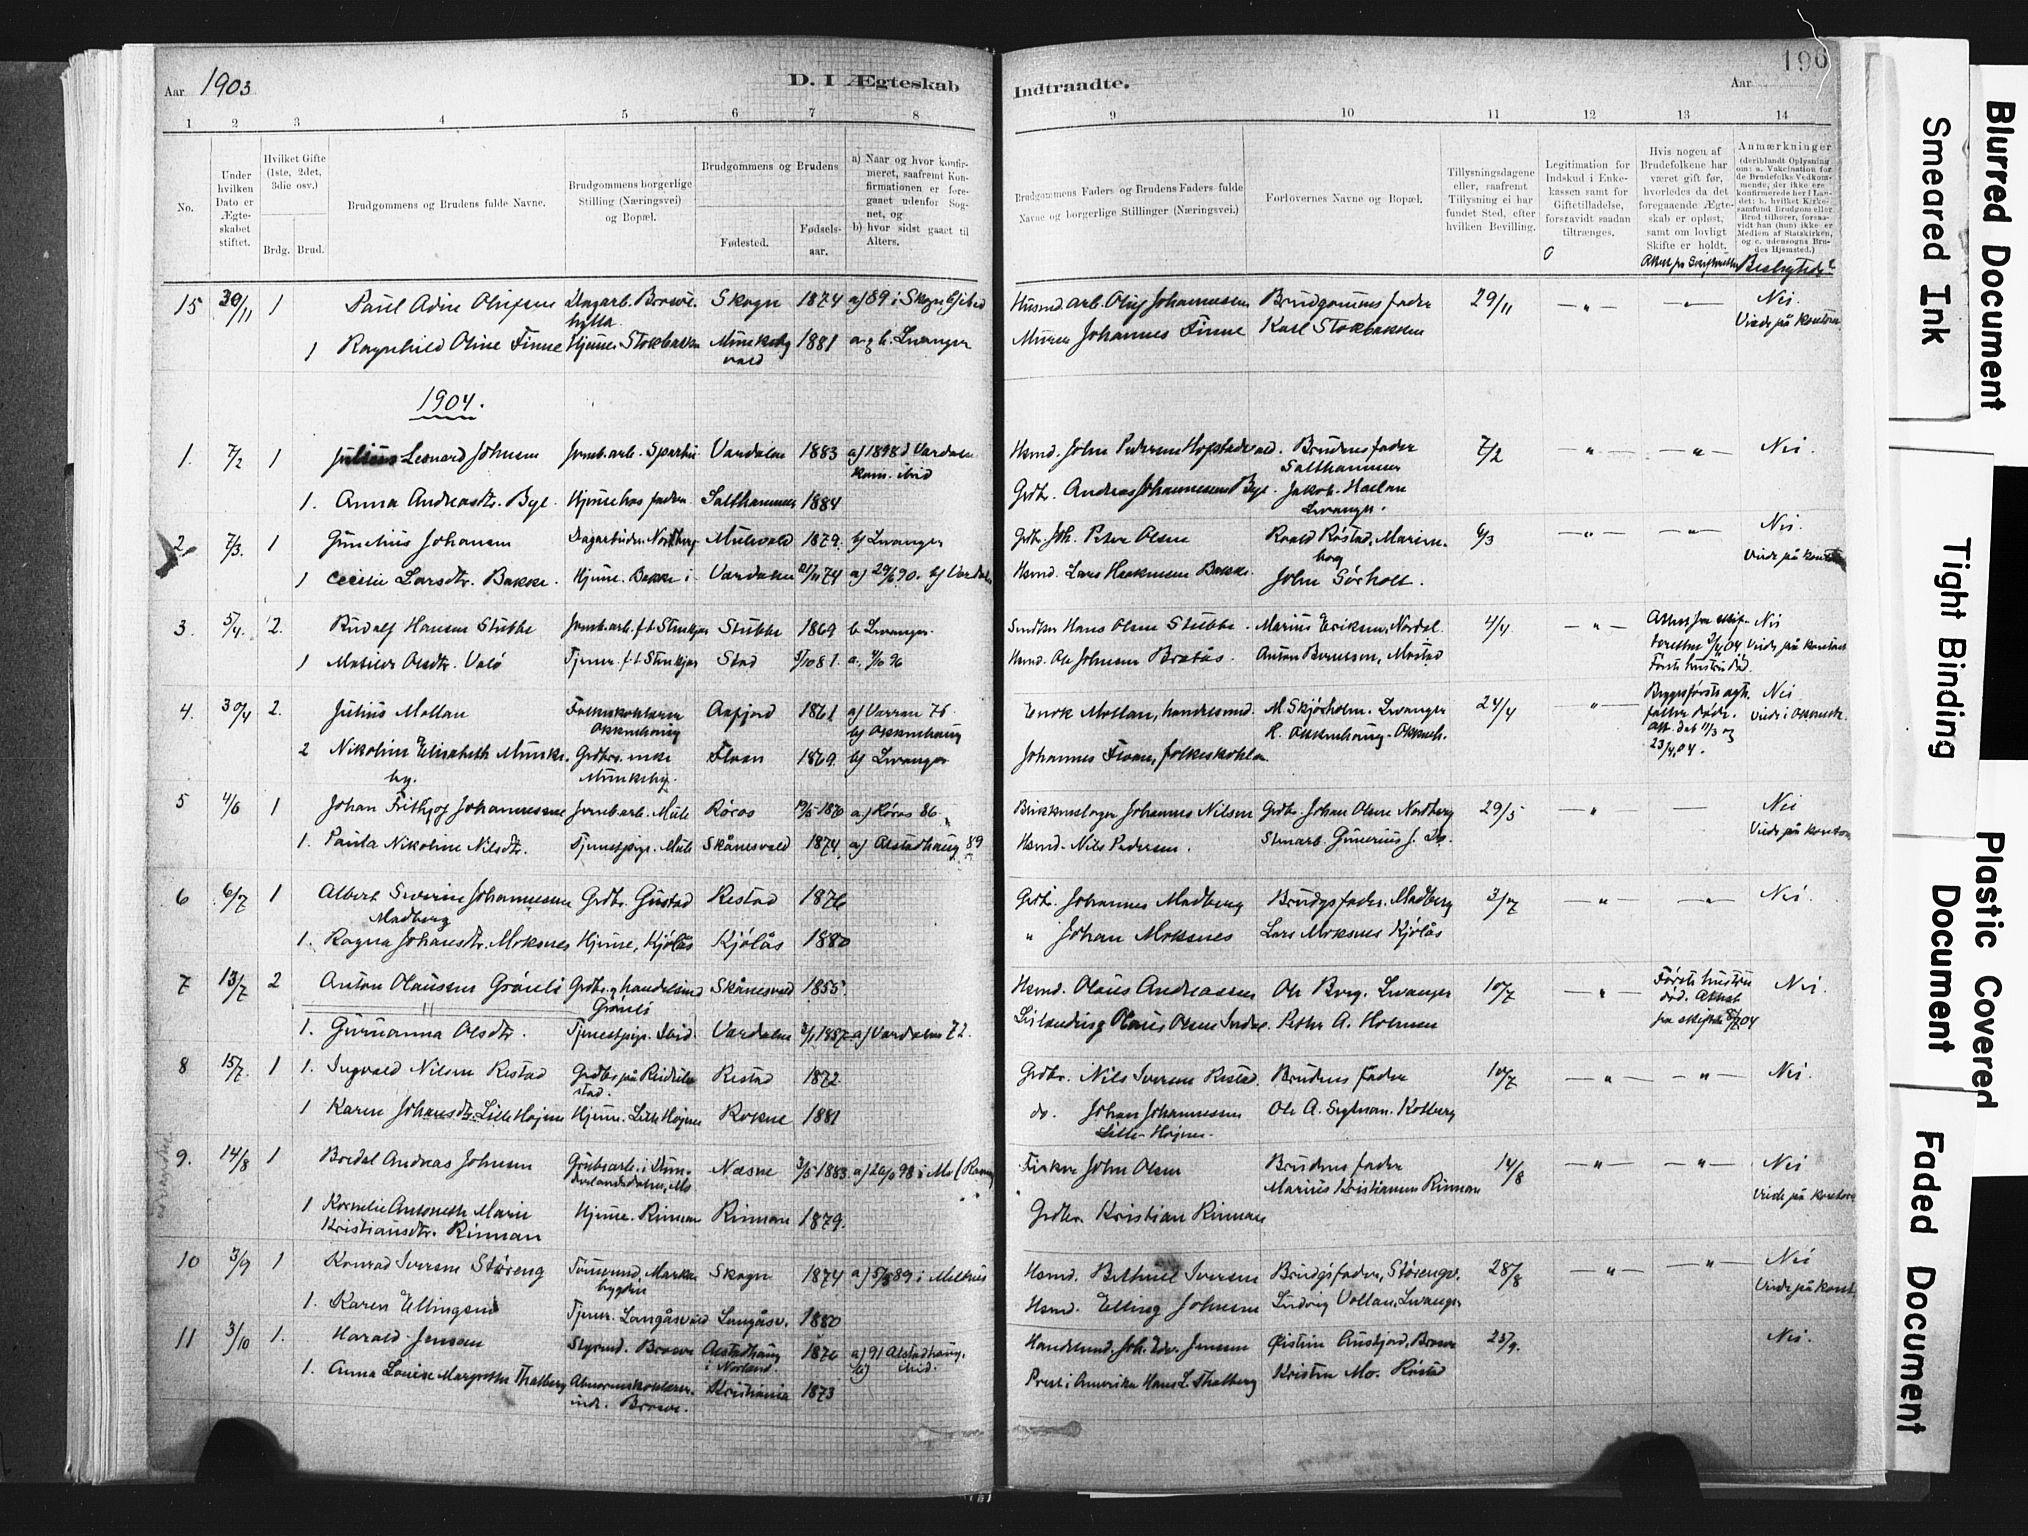 SAT, Ministerialprotokoller, klokkerbøker og fødselsregistre - Nord-Trøndelag, 721/L0207: Ministerialbok nr. 721A02, 1880-1911, s. 196